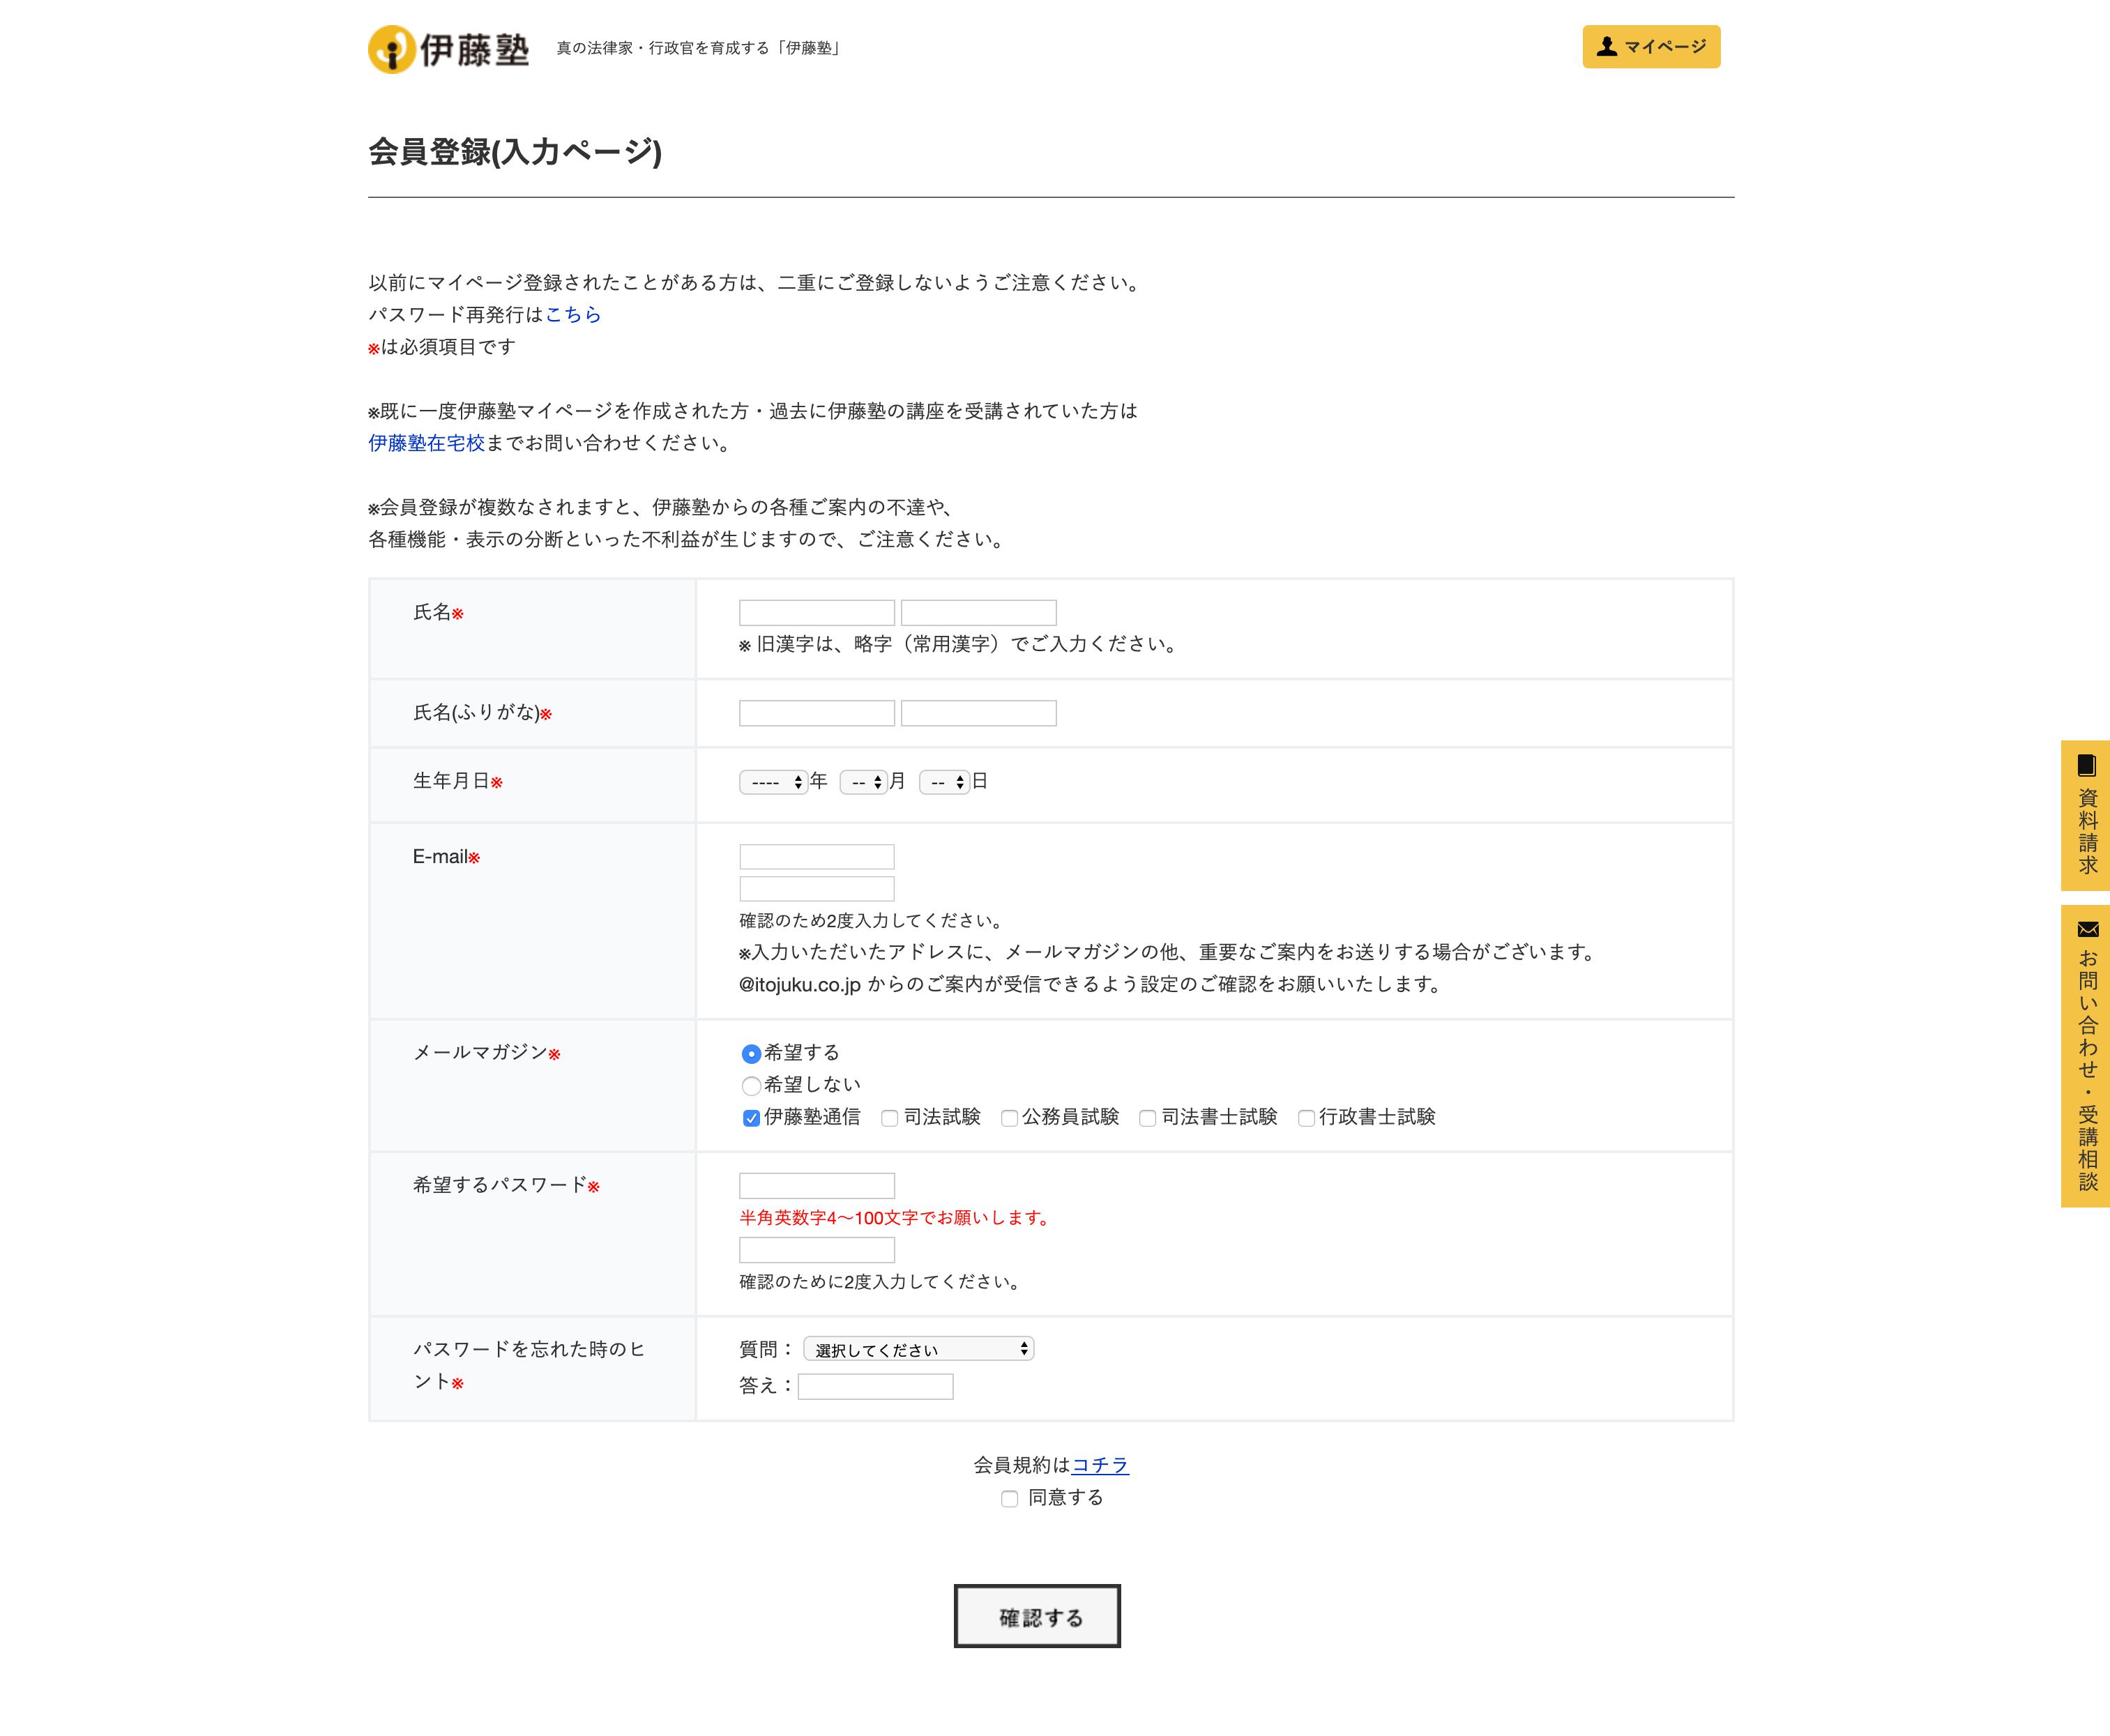 伊藤塾 会員登録